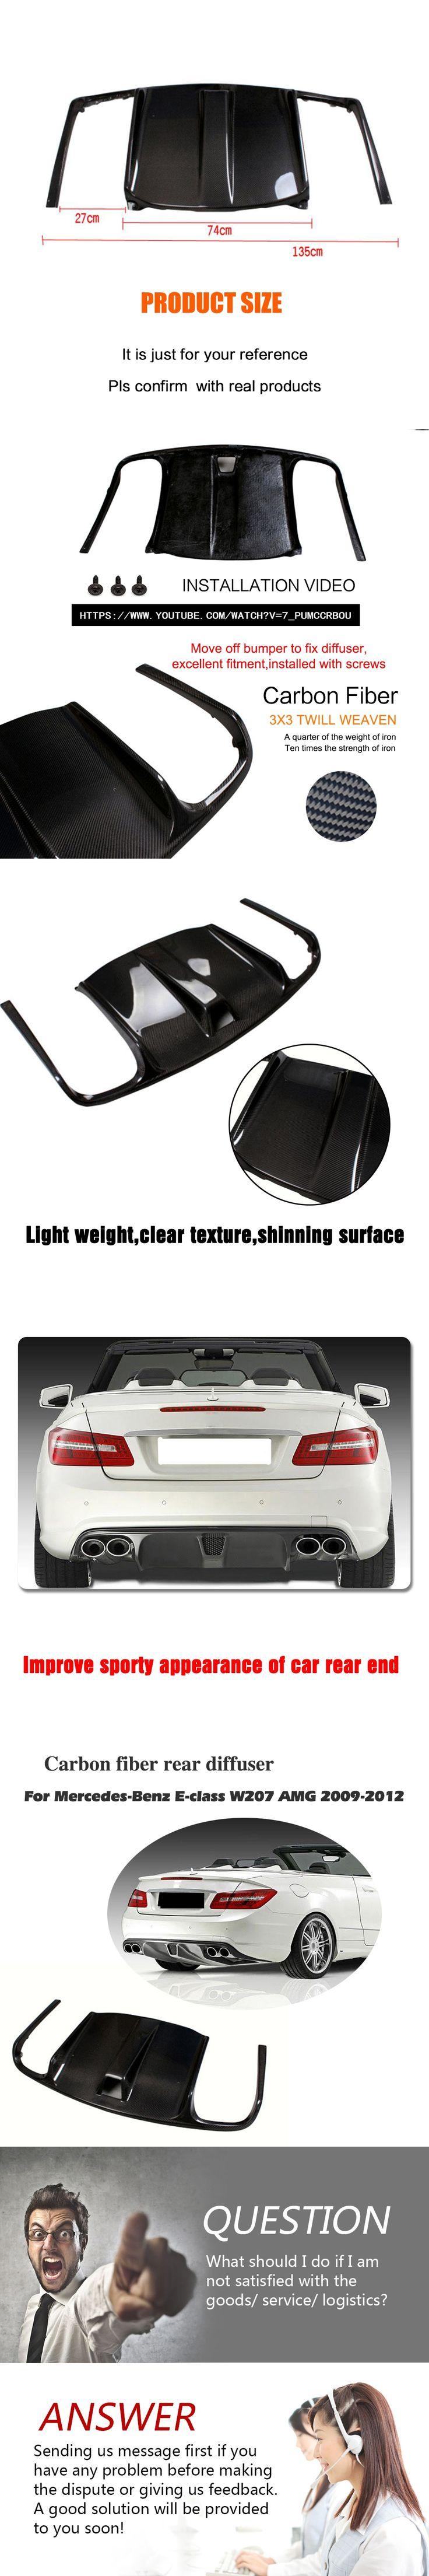 Carbon Fiber Bigger Rear Bumper Diffuser Lip For Benz E Class W207 AMG 2010-2012 Exhaust Diffuser Car Styling